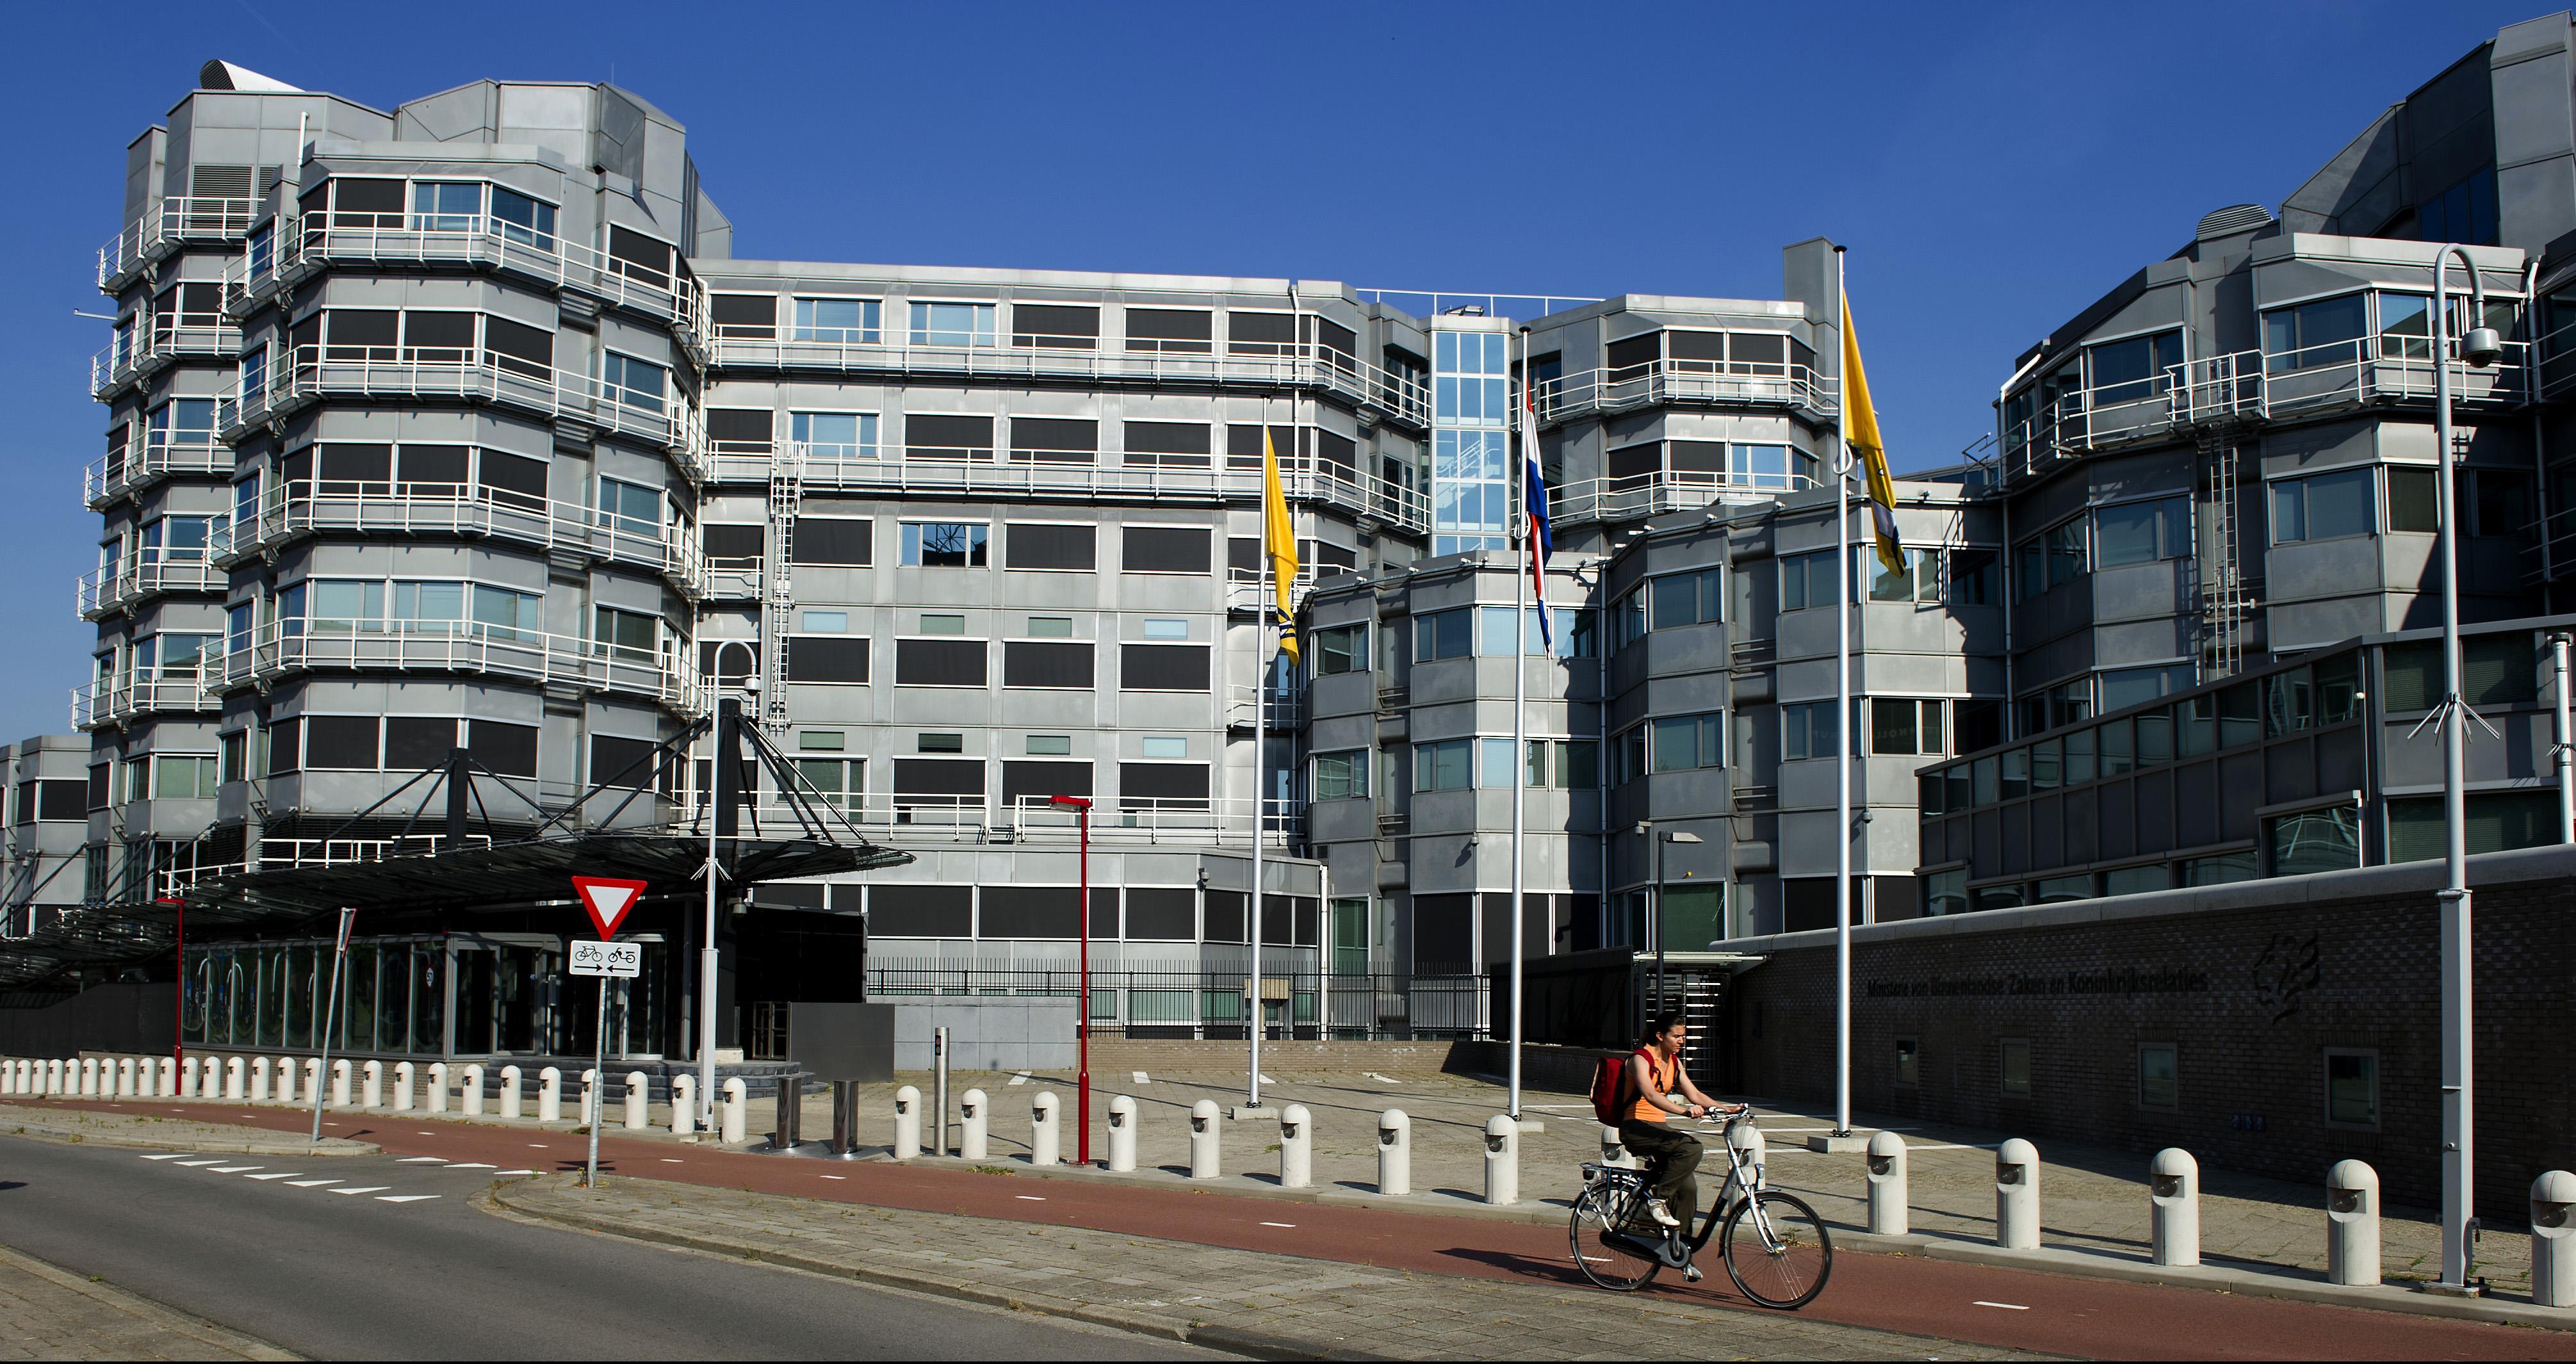 2010-06-28 08:20:36 ZOETERMEER - Exterieur van de Algemene Inlichtingen- en Veiligheidsdienst (AIVD) in Zoetermeer. ANP XTRA LEX VAN LIESHOUT